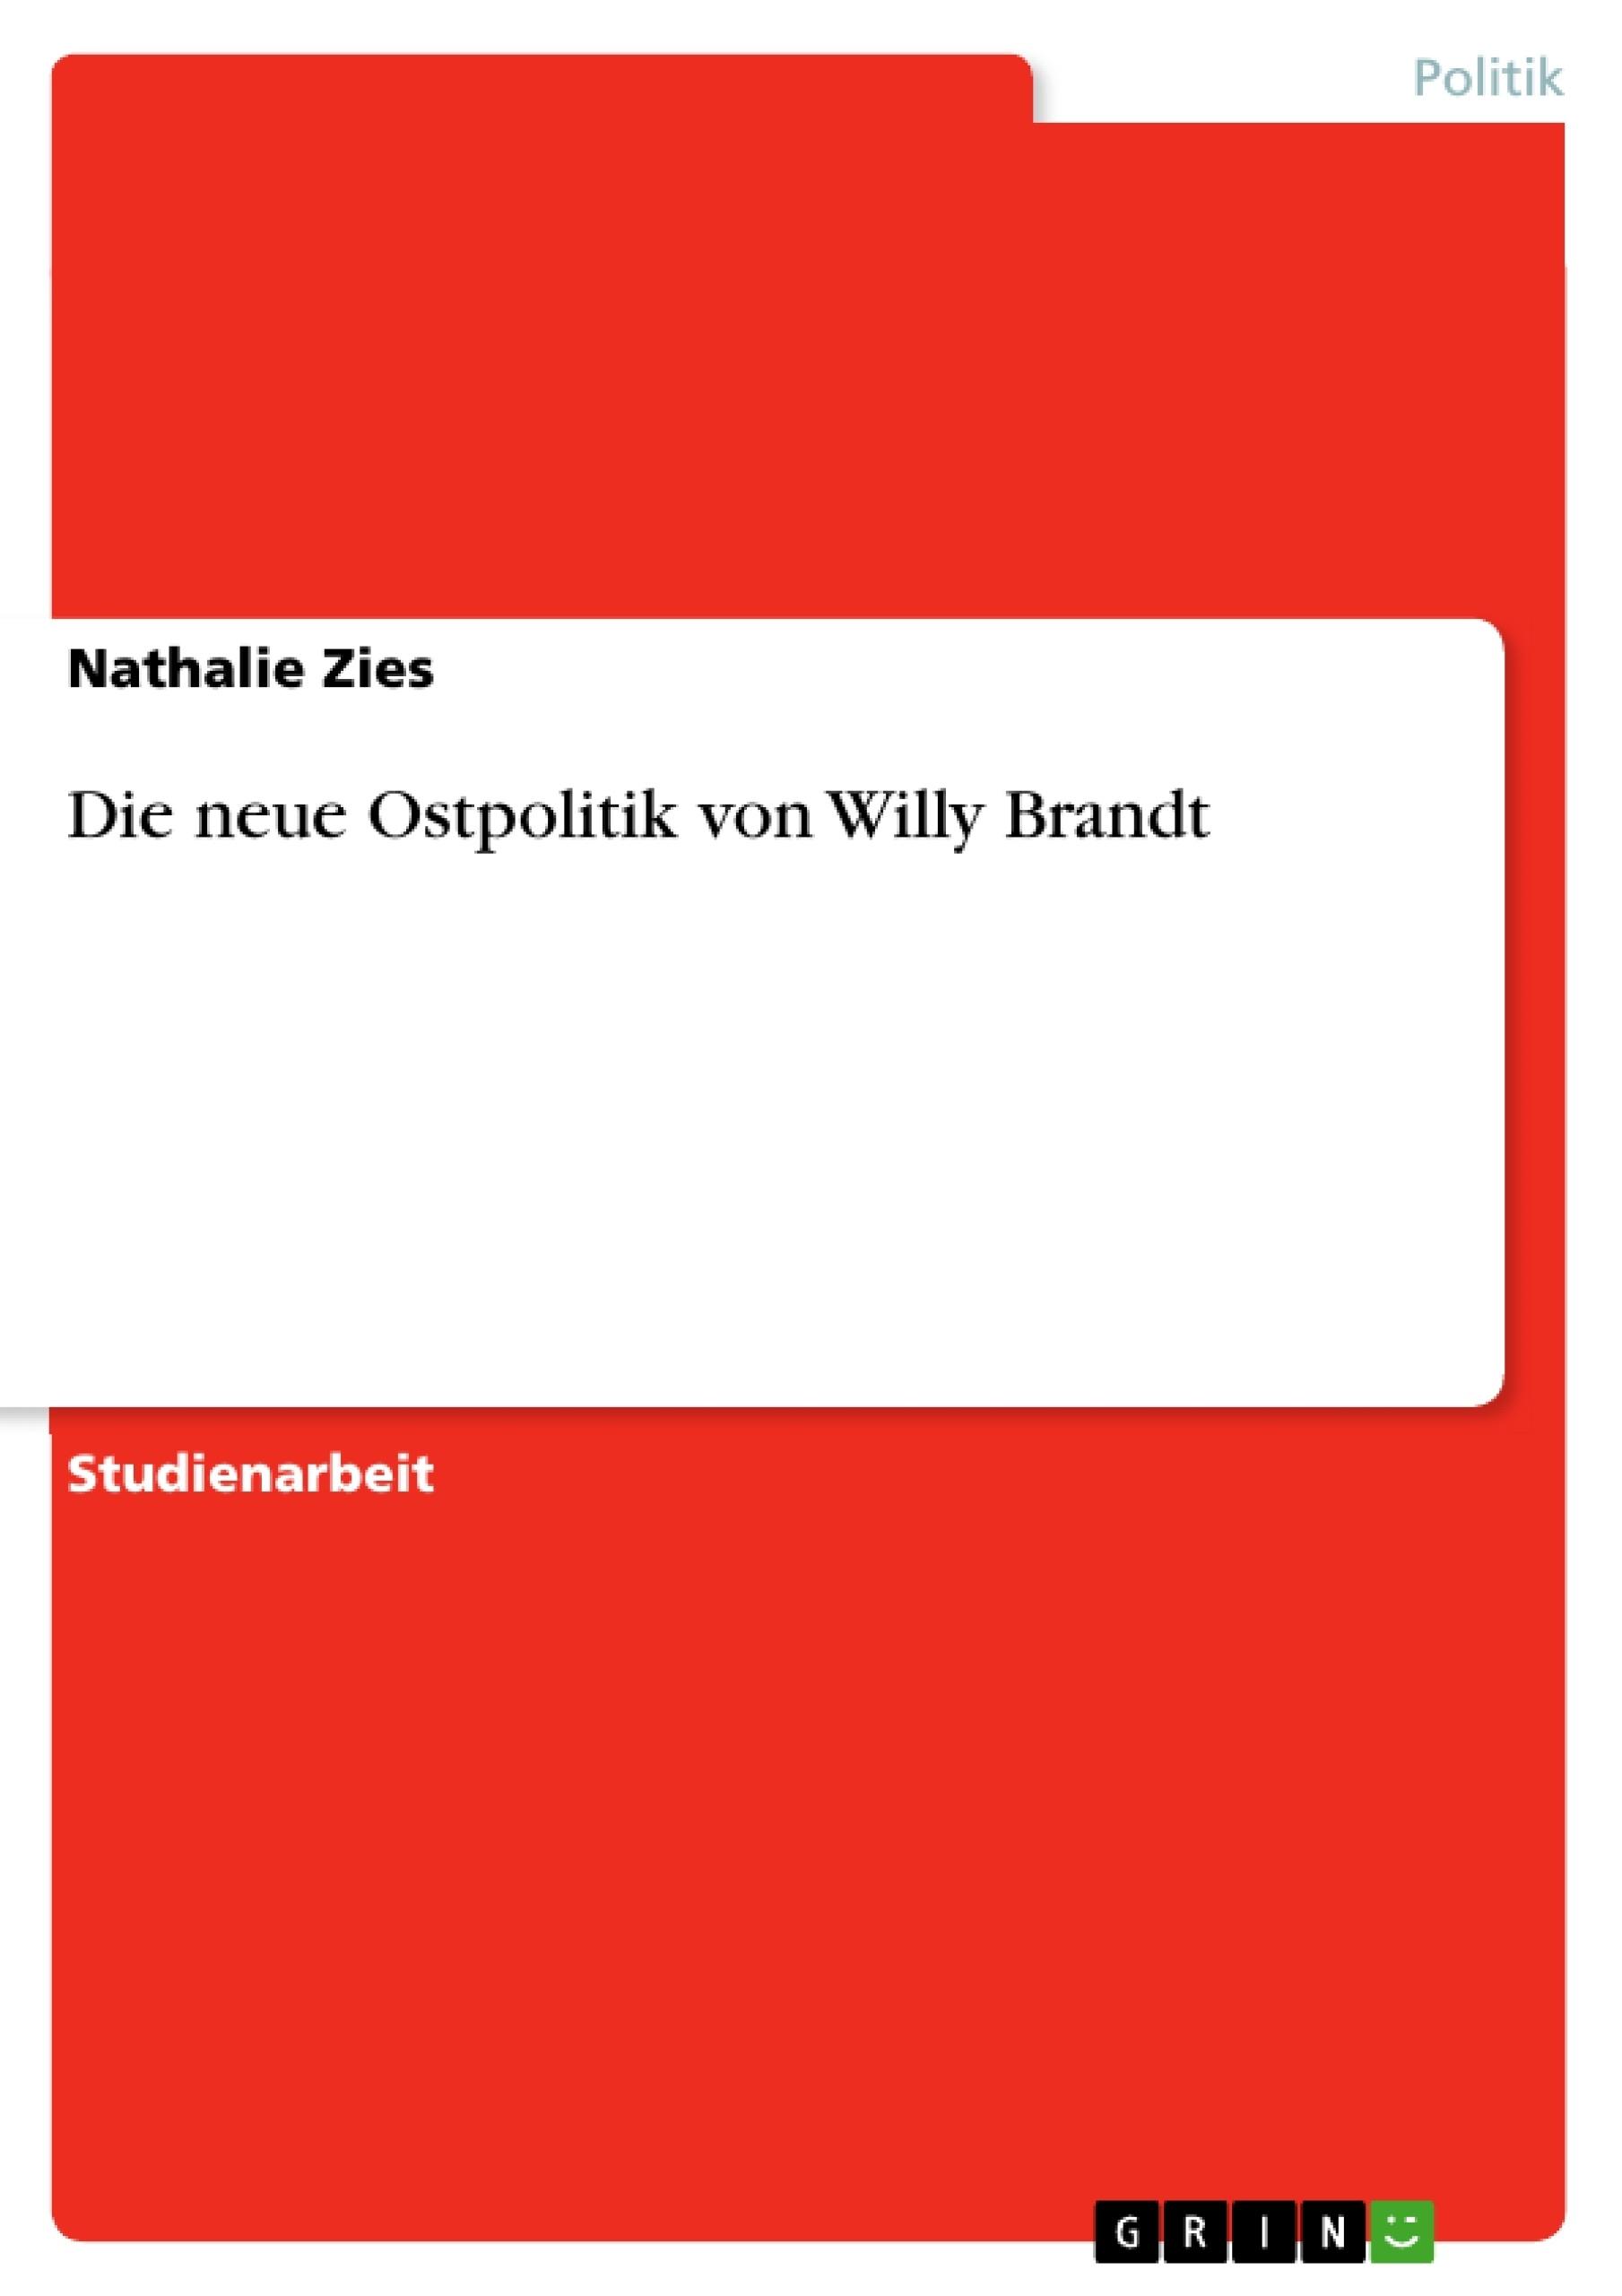 Titel: Die neue Ostpolitik von Willy Brandt